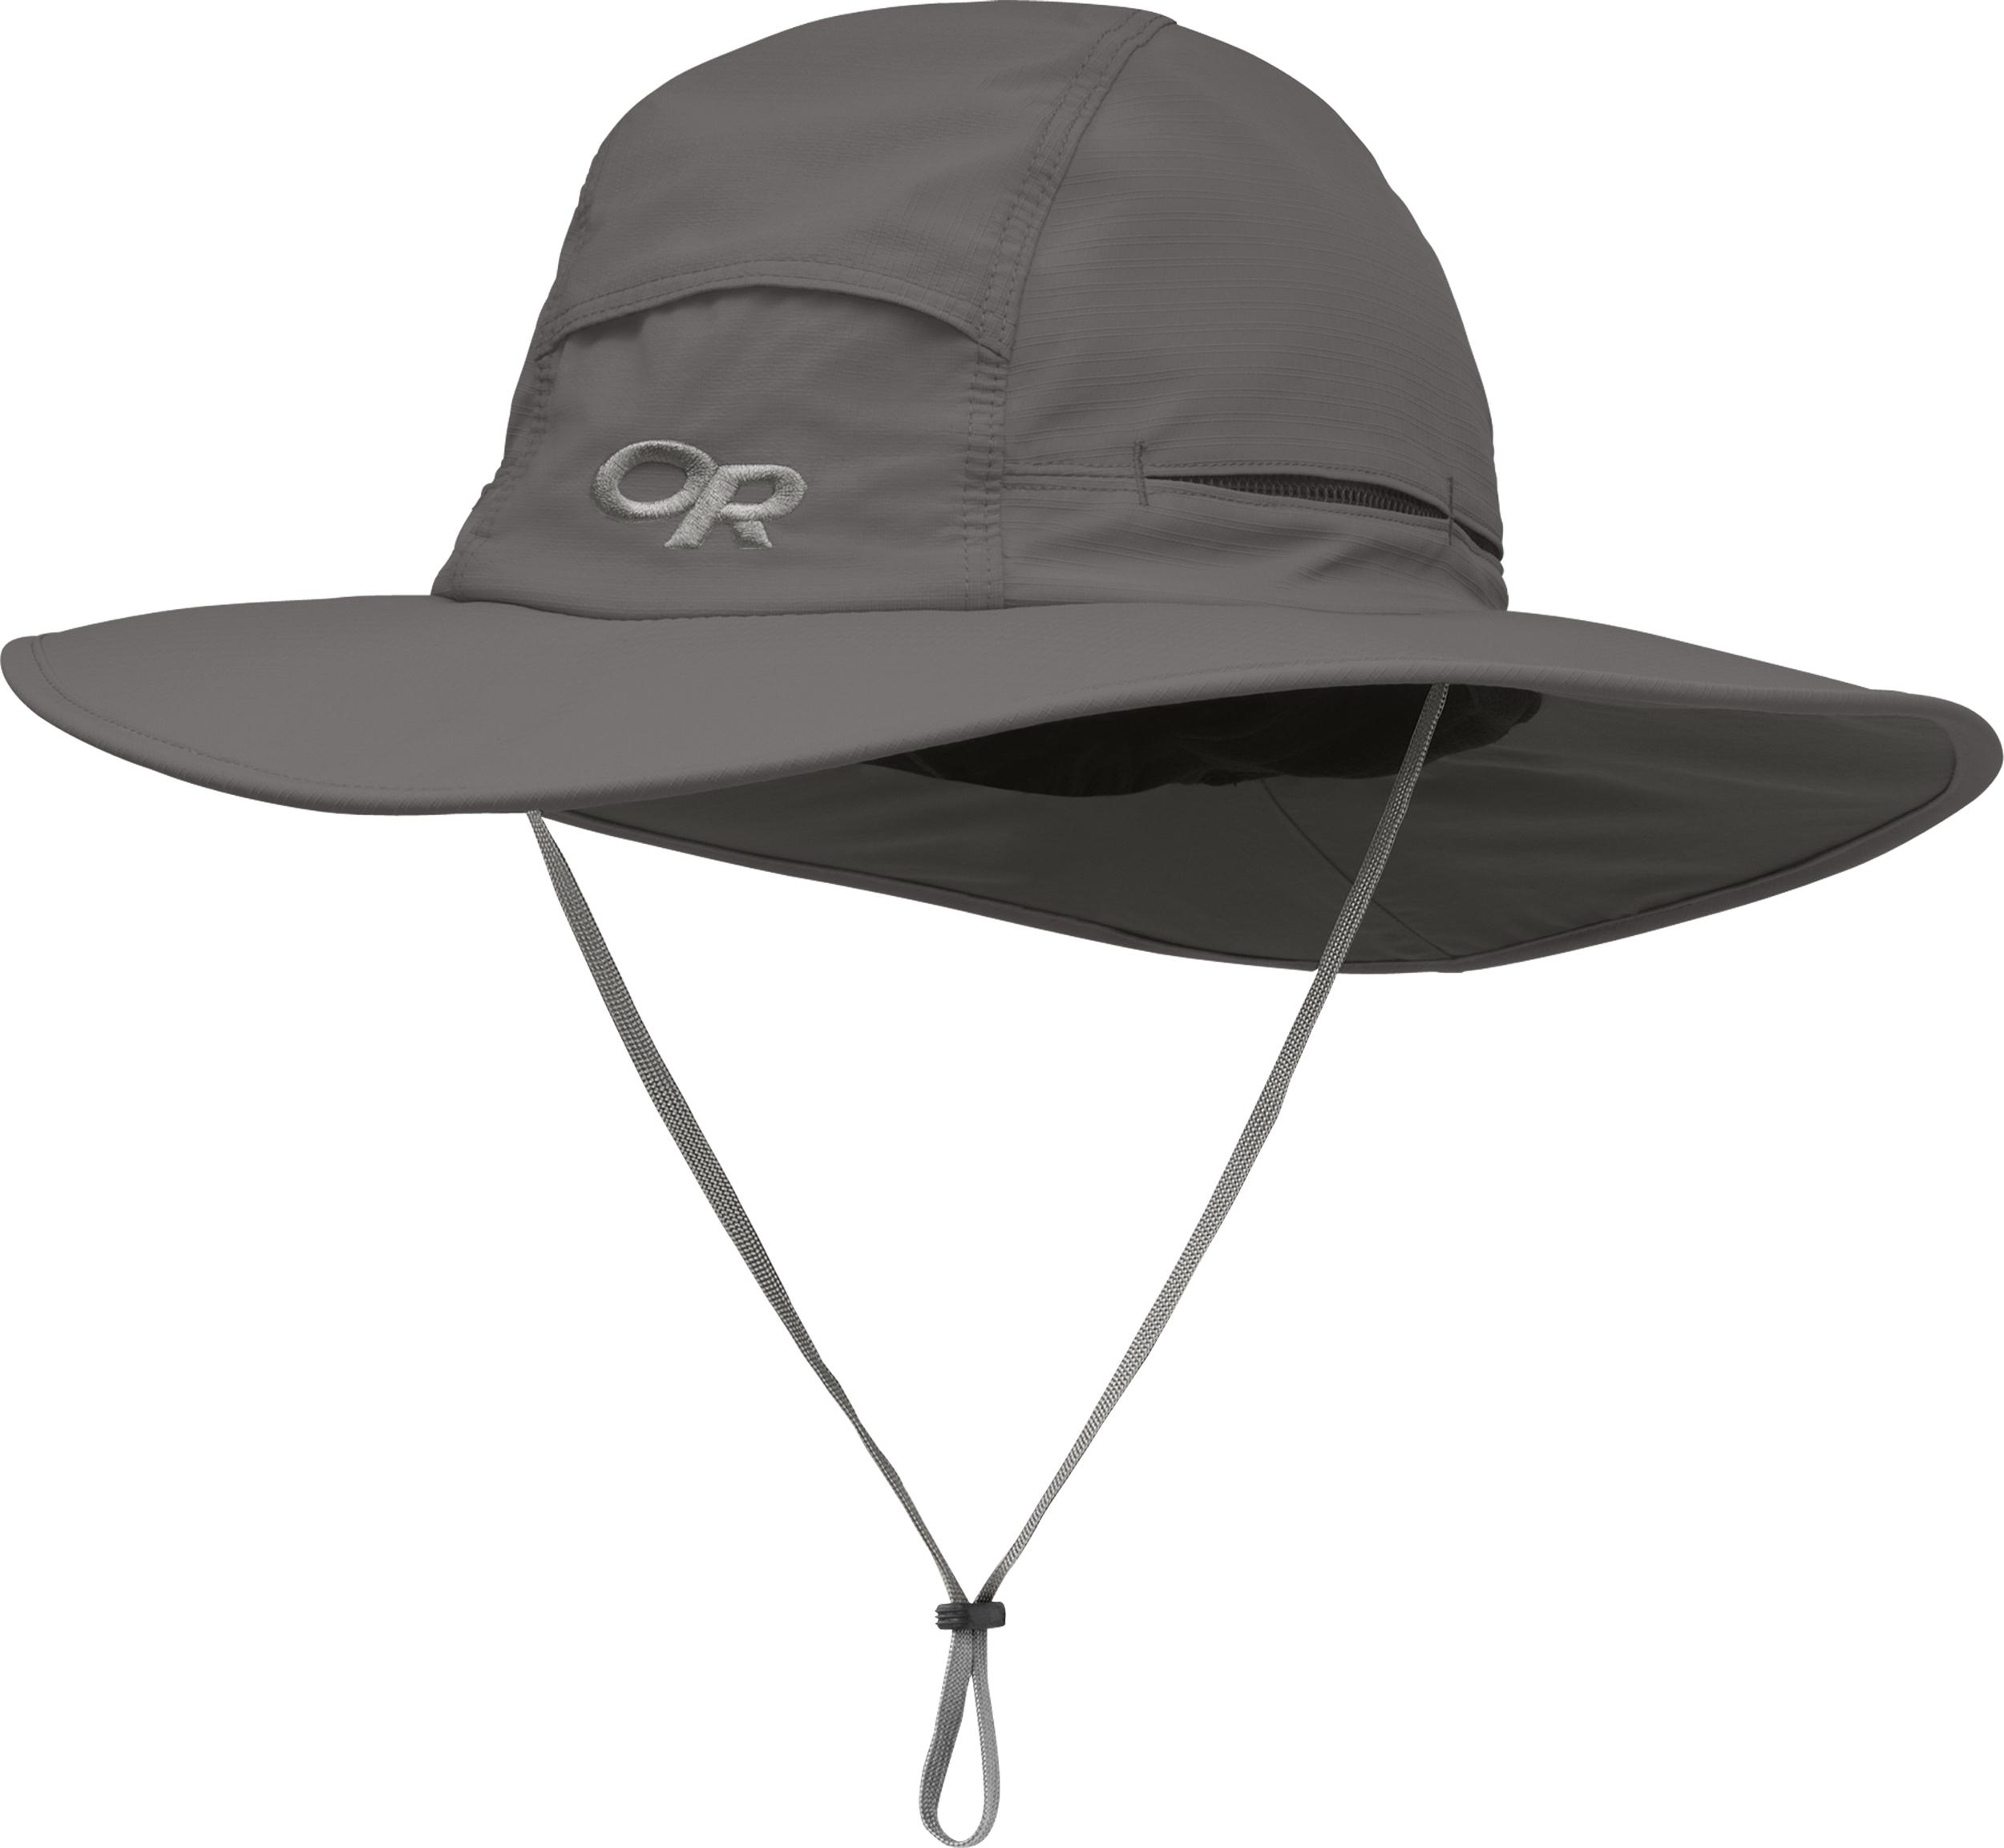 Et Chapeaux FemmesMec Tuques Tuques Chapeaux Pour FemmesMec Et Chapeaux Pour VqSUzMp